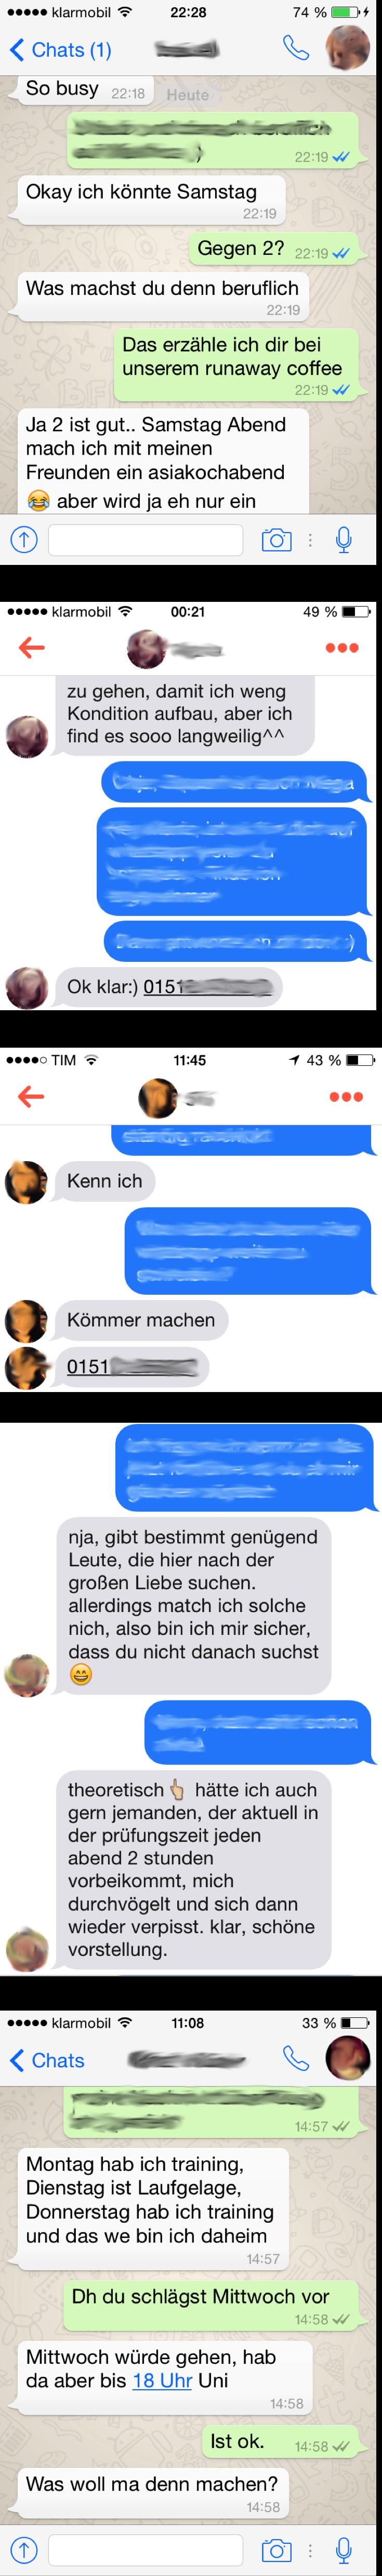 Frauen wollen mich nicht kennenlernen